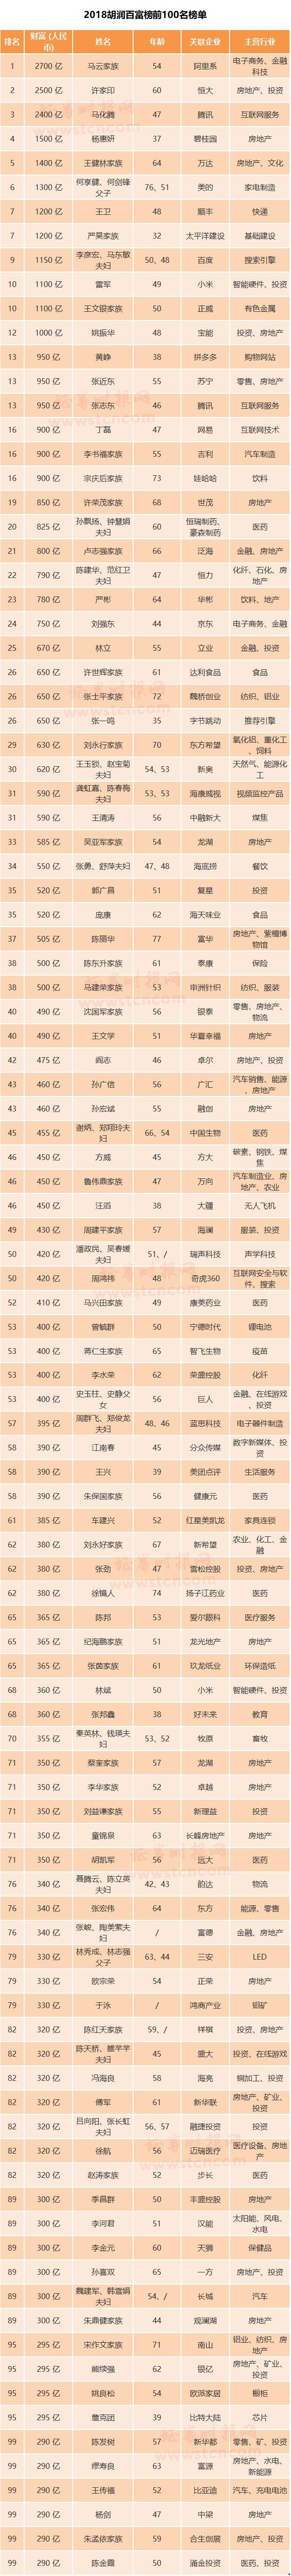 2018胡润榜:3大富豪总身价7600亿 马云再成首富